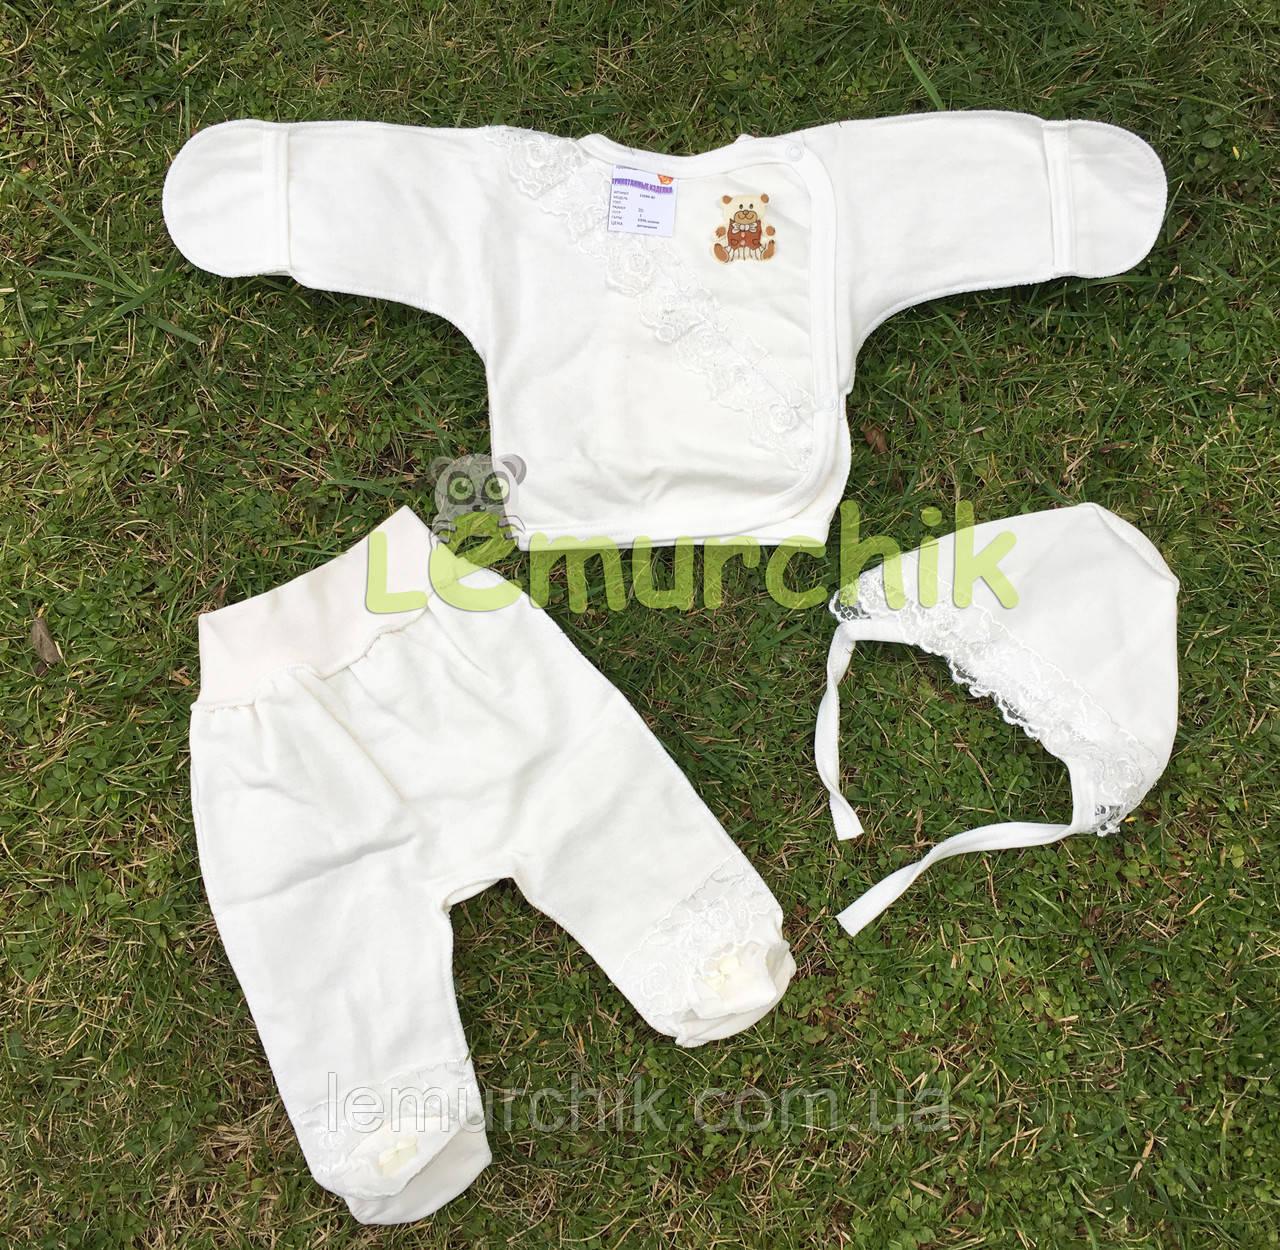 Комплект для новорожденного (распашонка+ползунки+шапочка) Рюшки 56р.